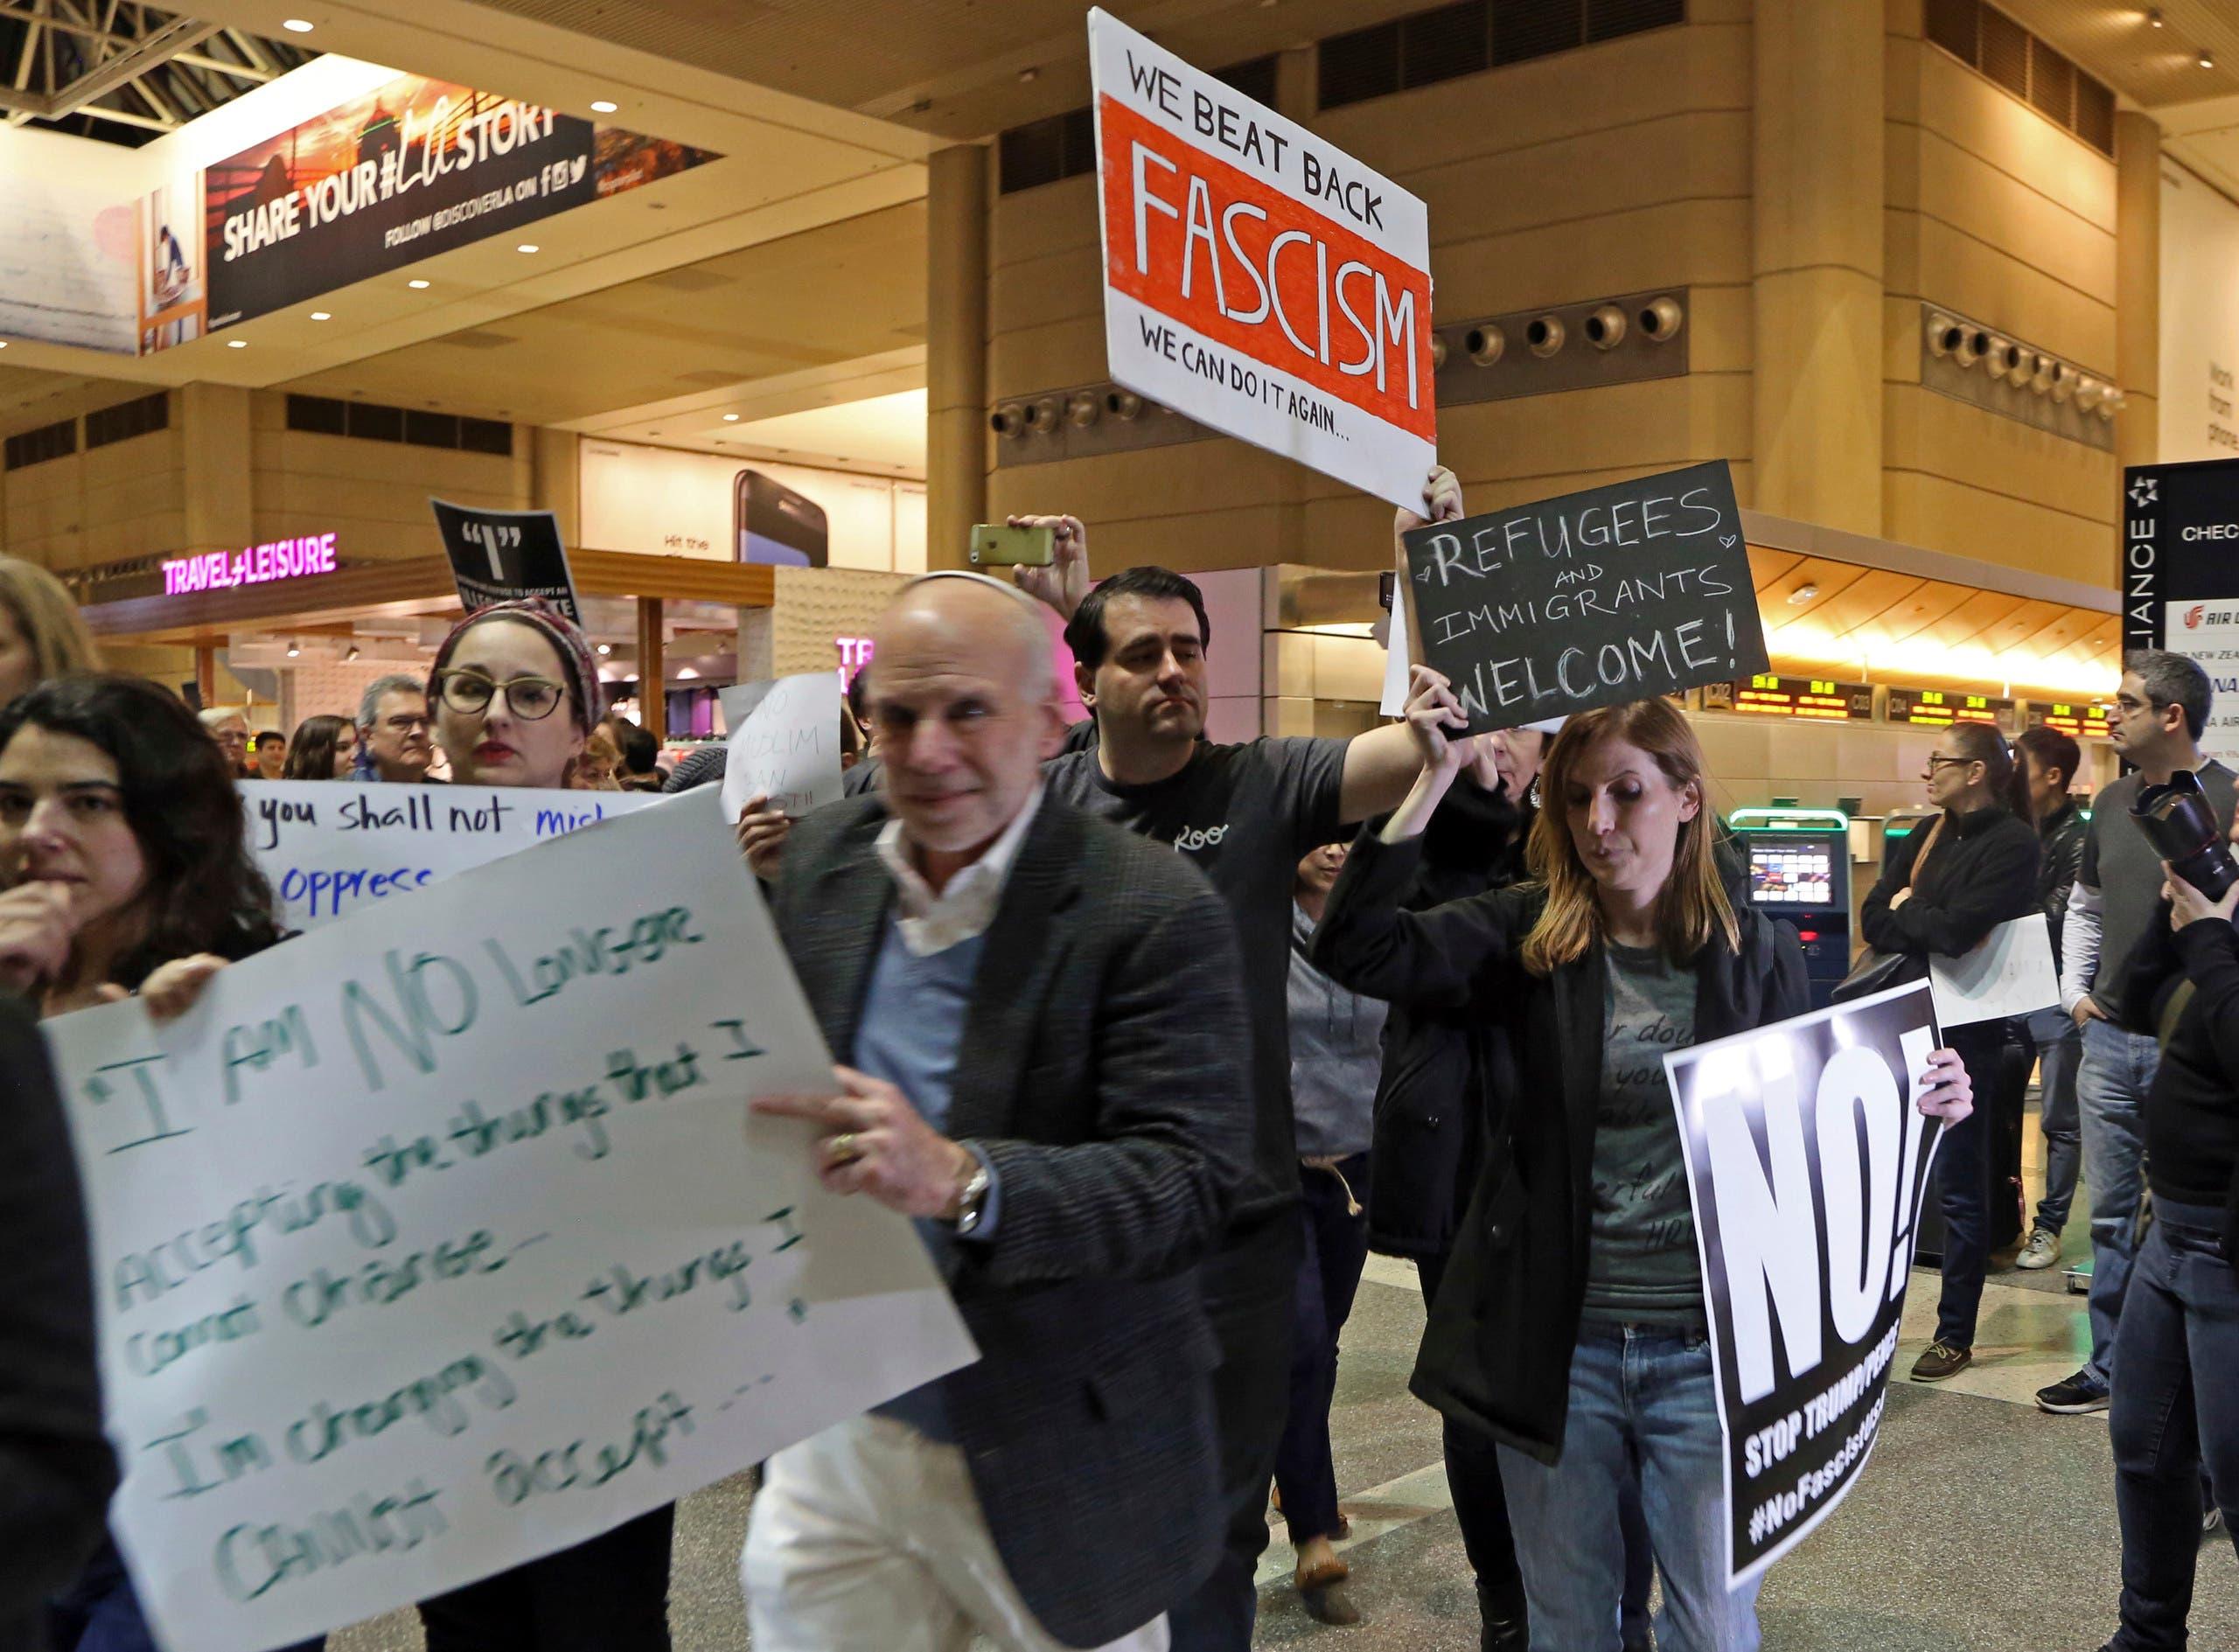 احتجاج بمطار في لوس أنجلوس ضد قرار ترمب